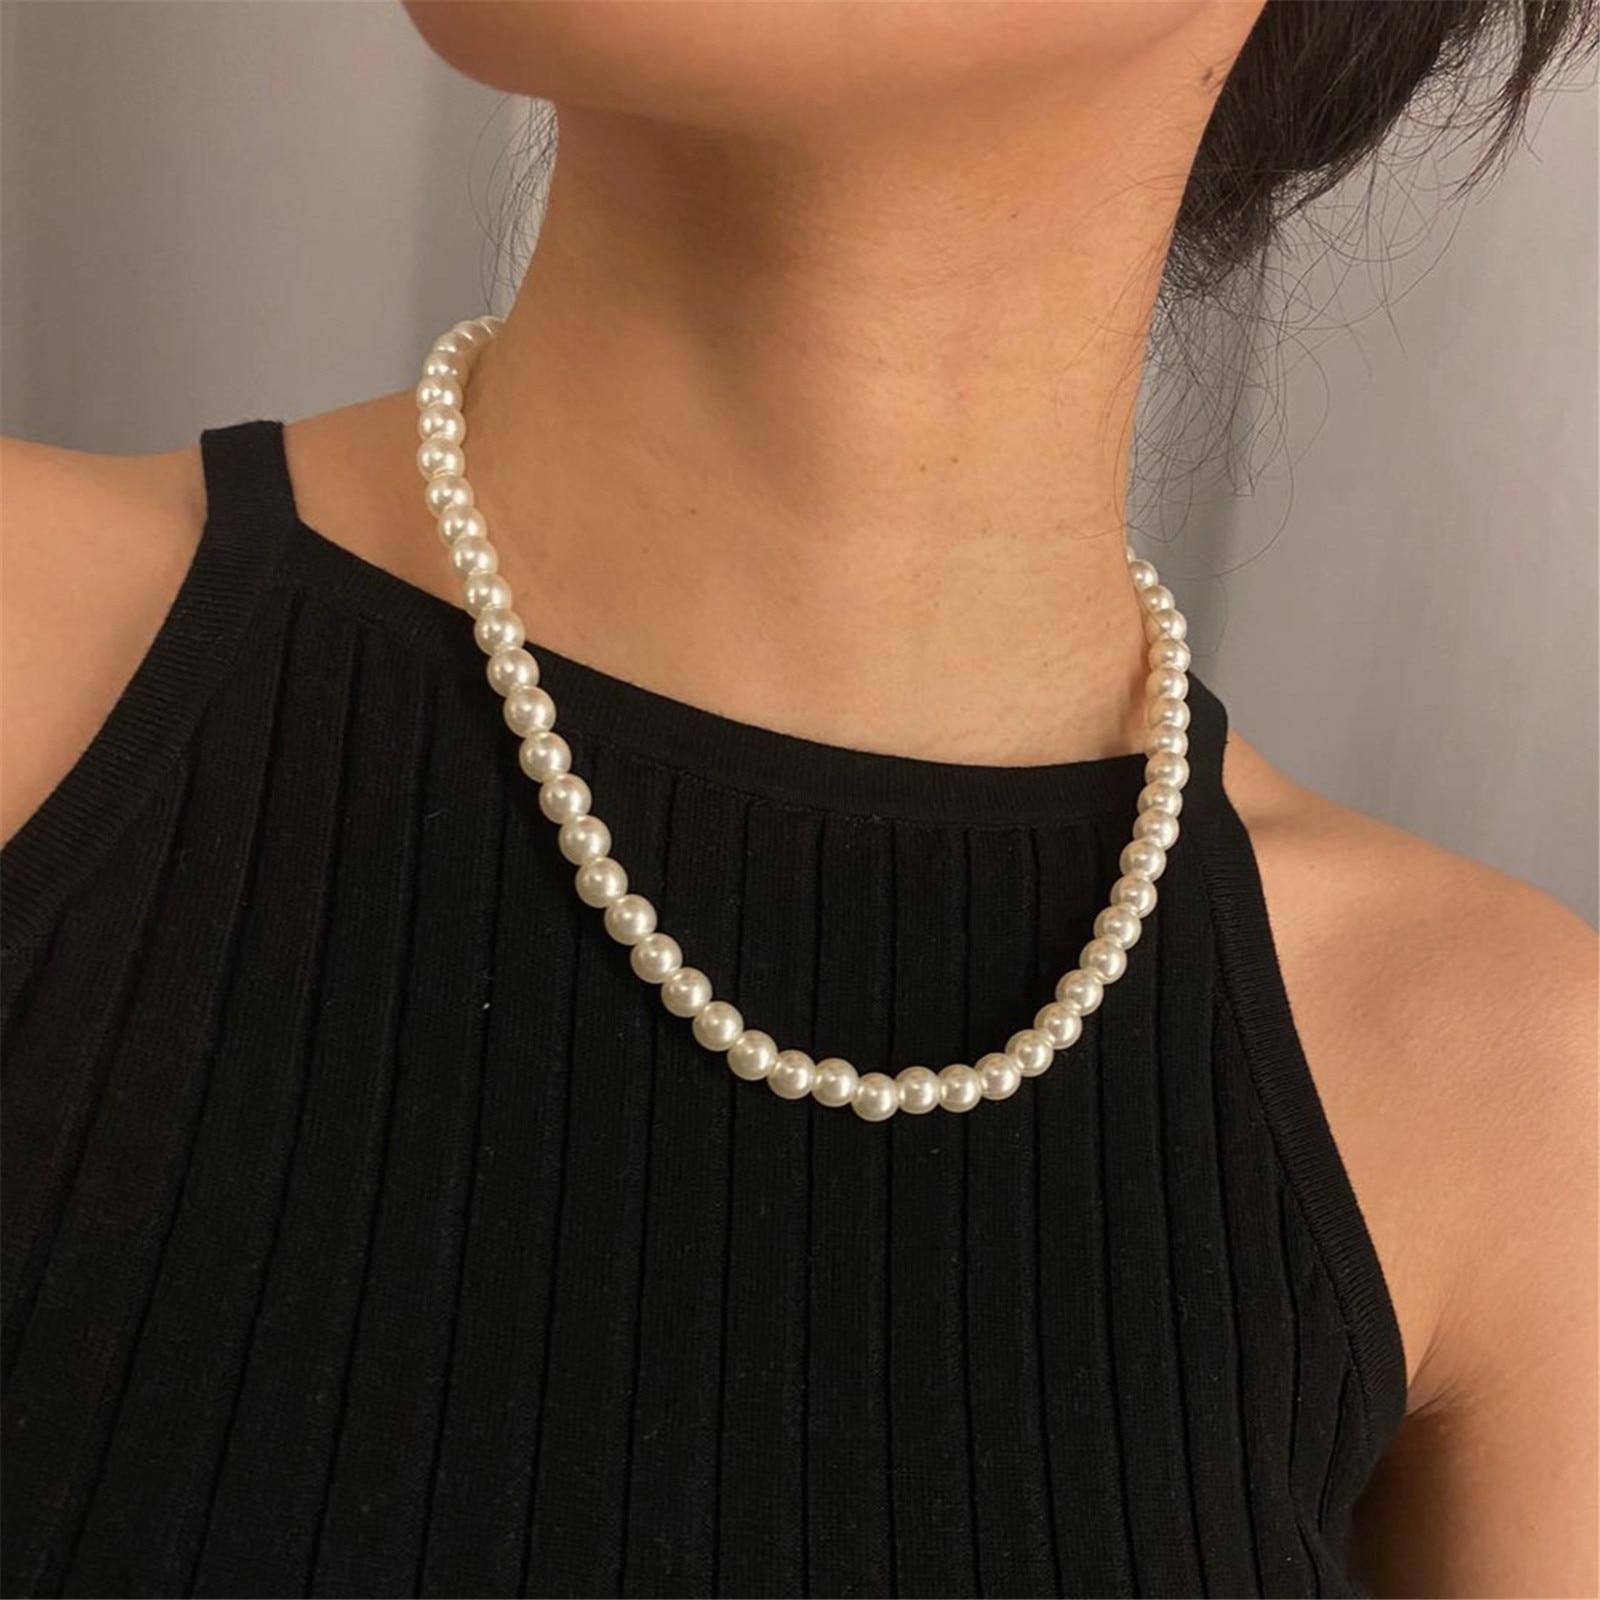 Ожерелье-чокер ювелирные изделия 2021 из металлического сплава романтическое жемчужное ожерелье инкрустированное признание дамы ювелирные ...